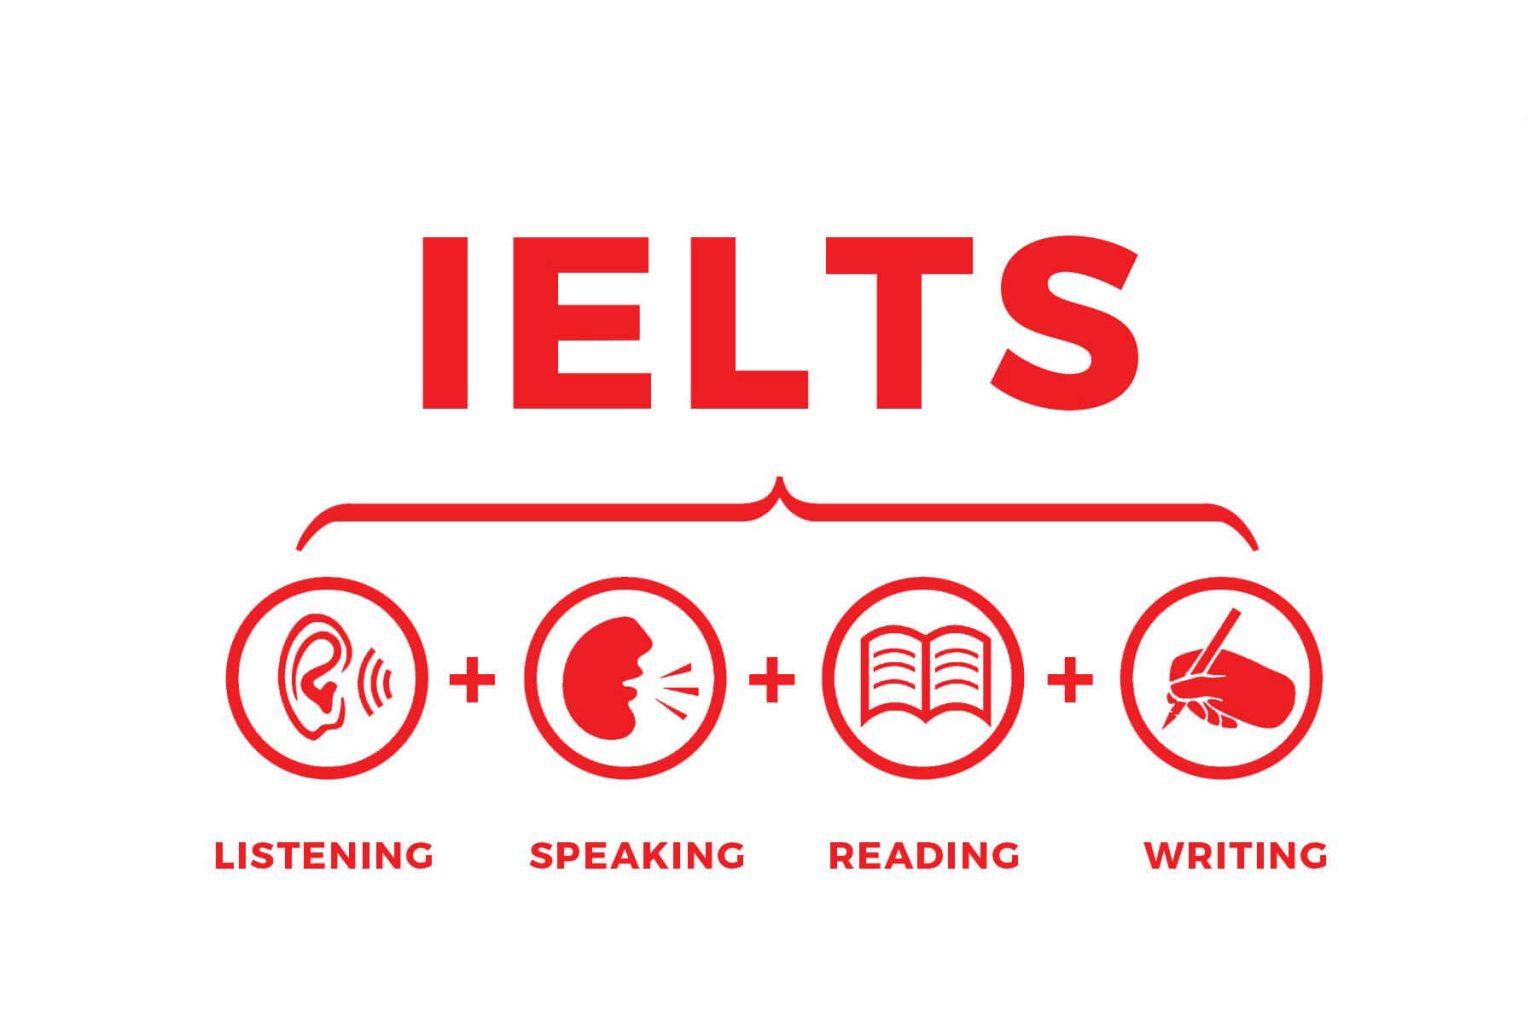 ielts dam bao - Luyện Thi IELTS Cấp Tốc Ở Đà Nẵng - Học IELTS - Luyện thi IELTS ở tại Đà Nẵng - Anh Ngữ UEC